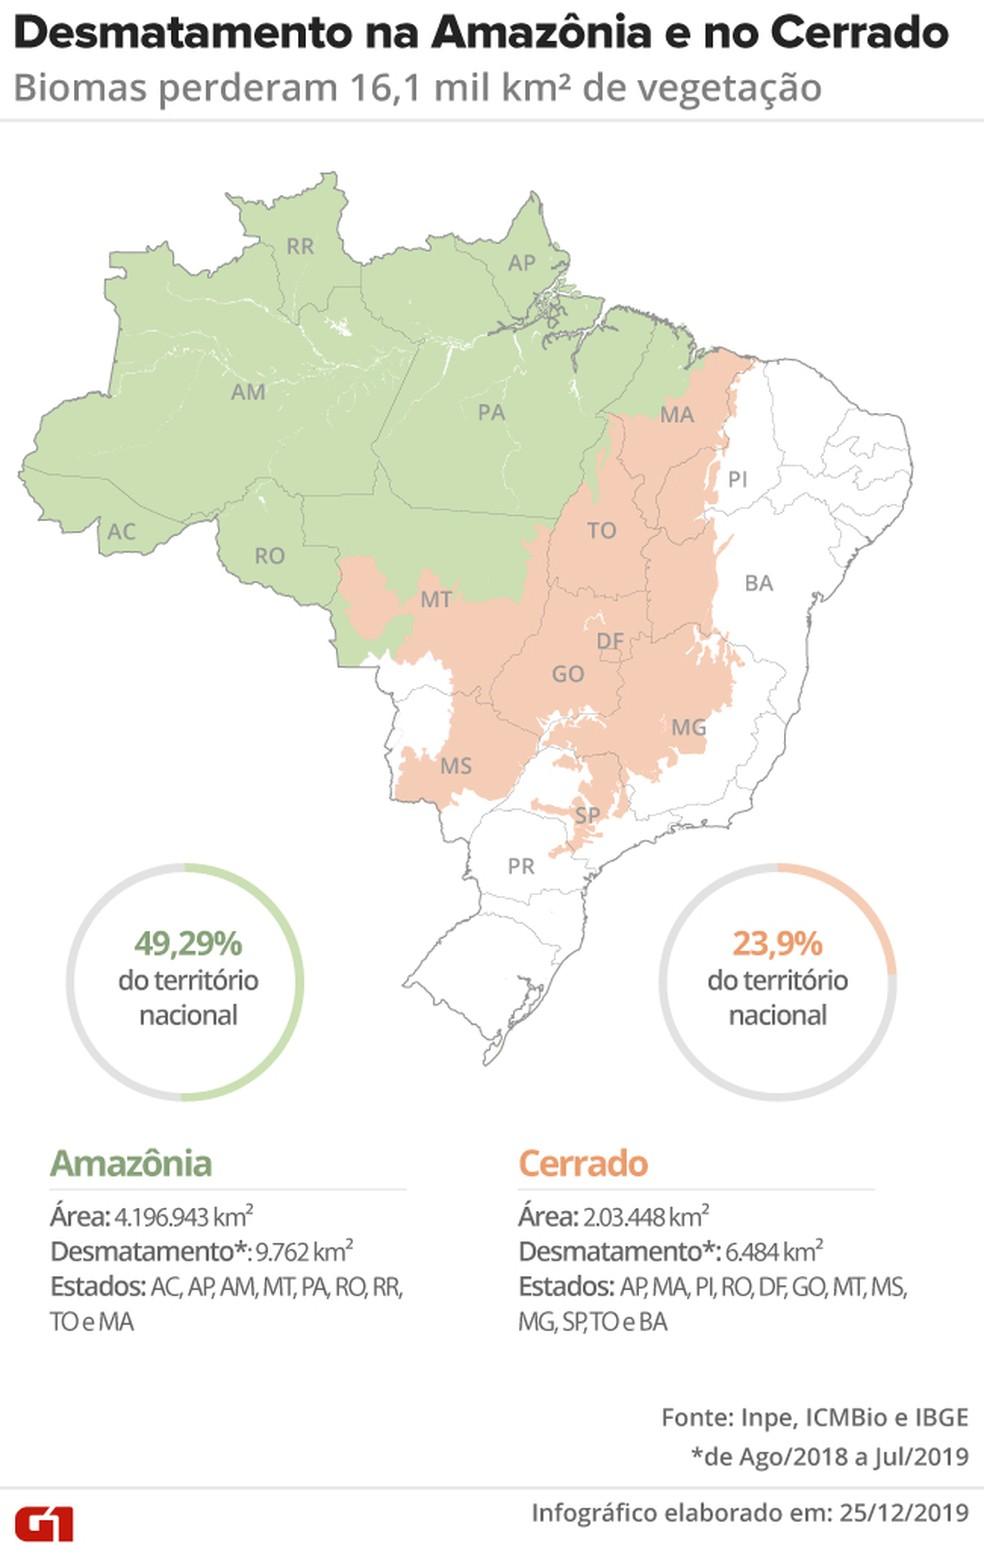 Infográfico mostra a localização dos biomas Amazônia e Cerrado  — Foto: Rodrigo Cunha/G1